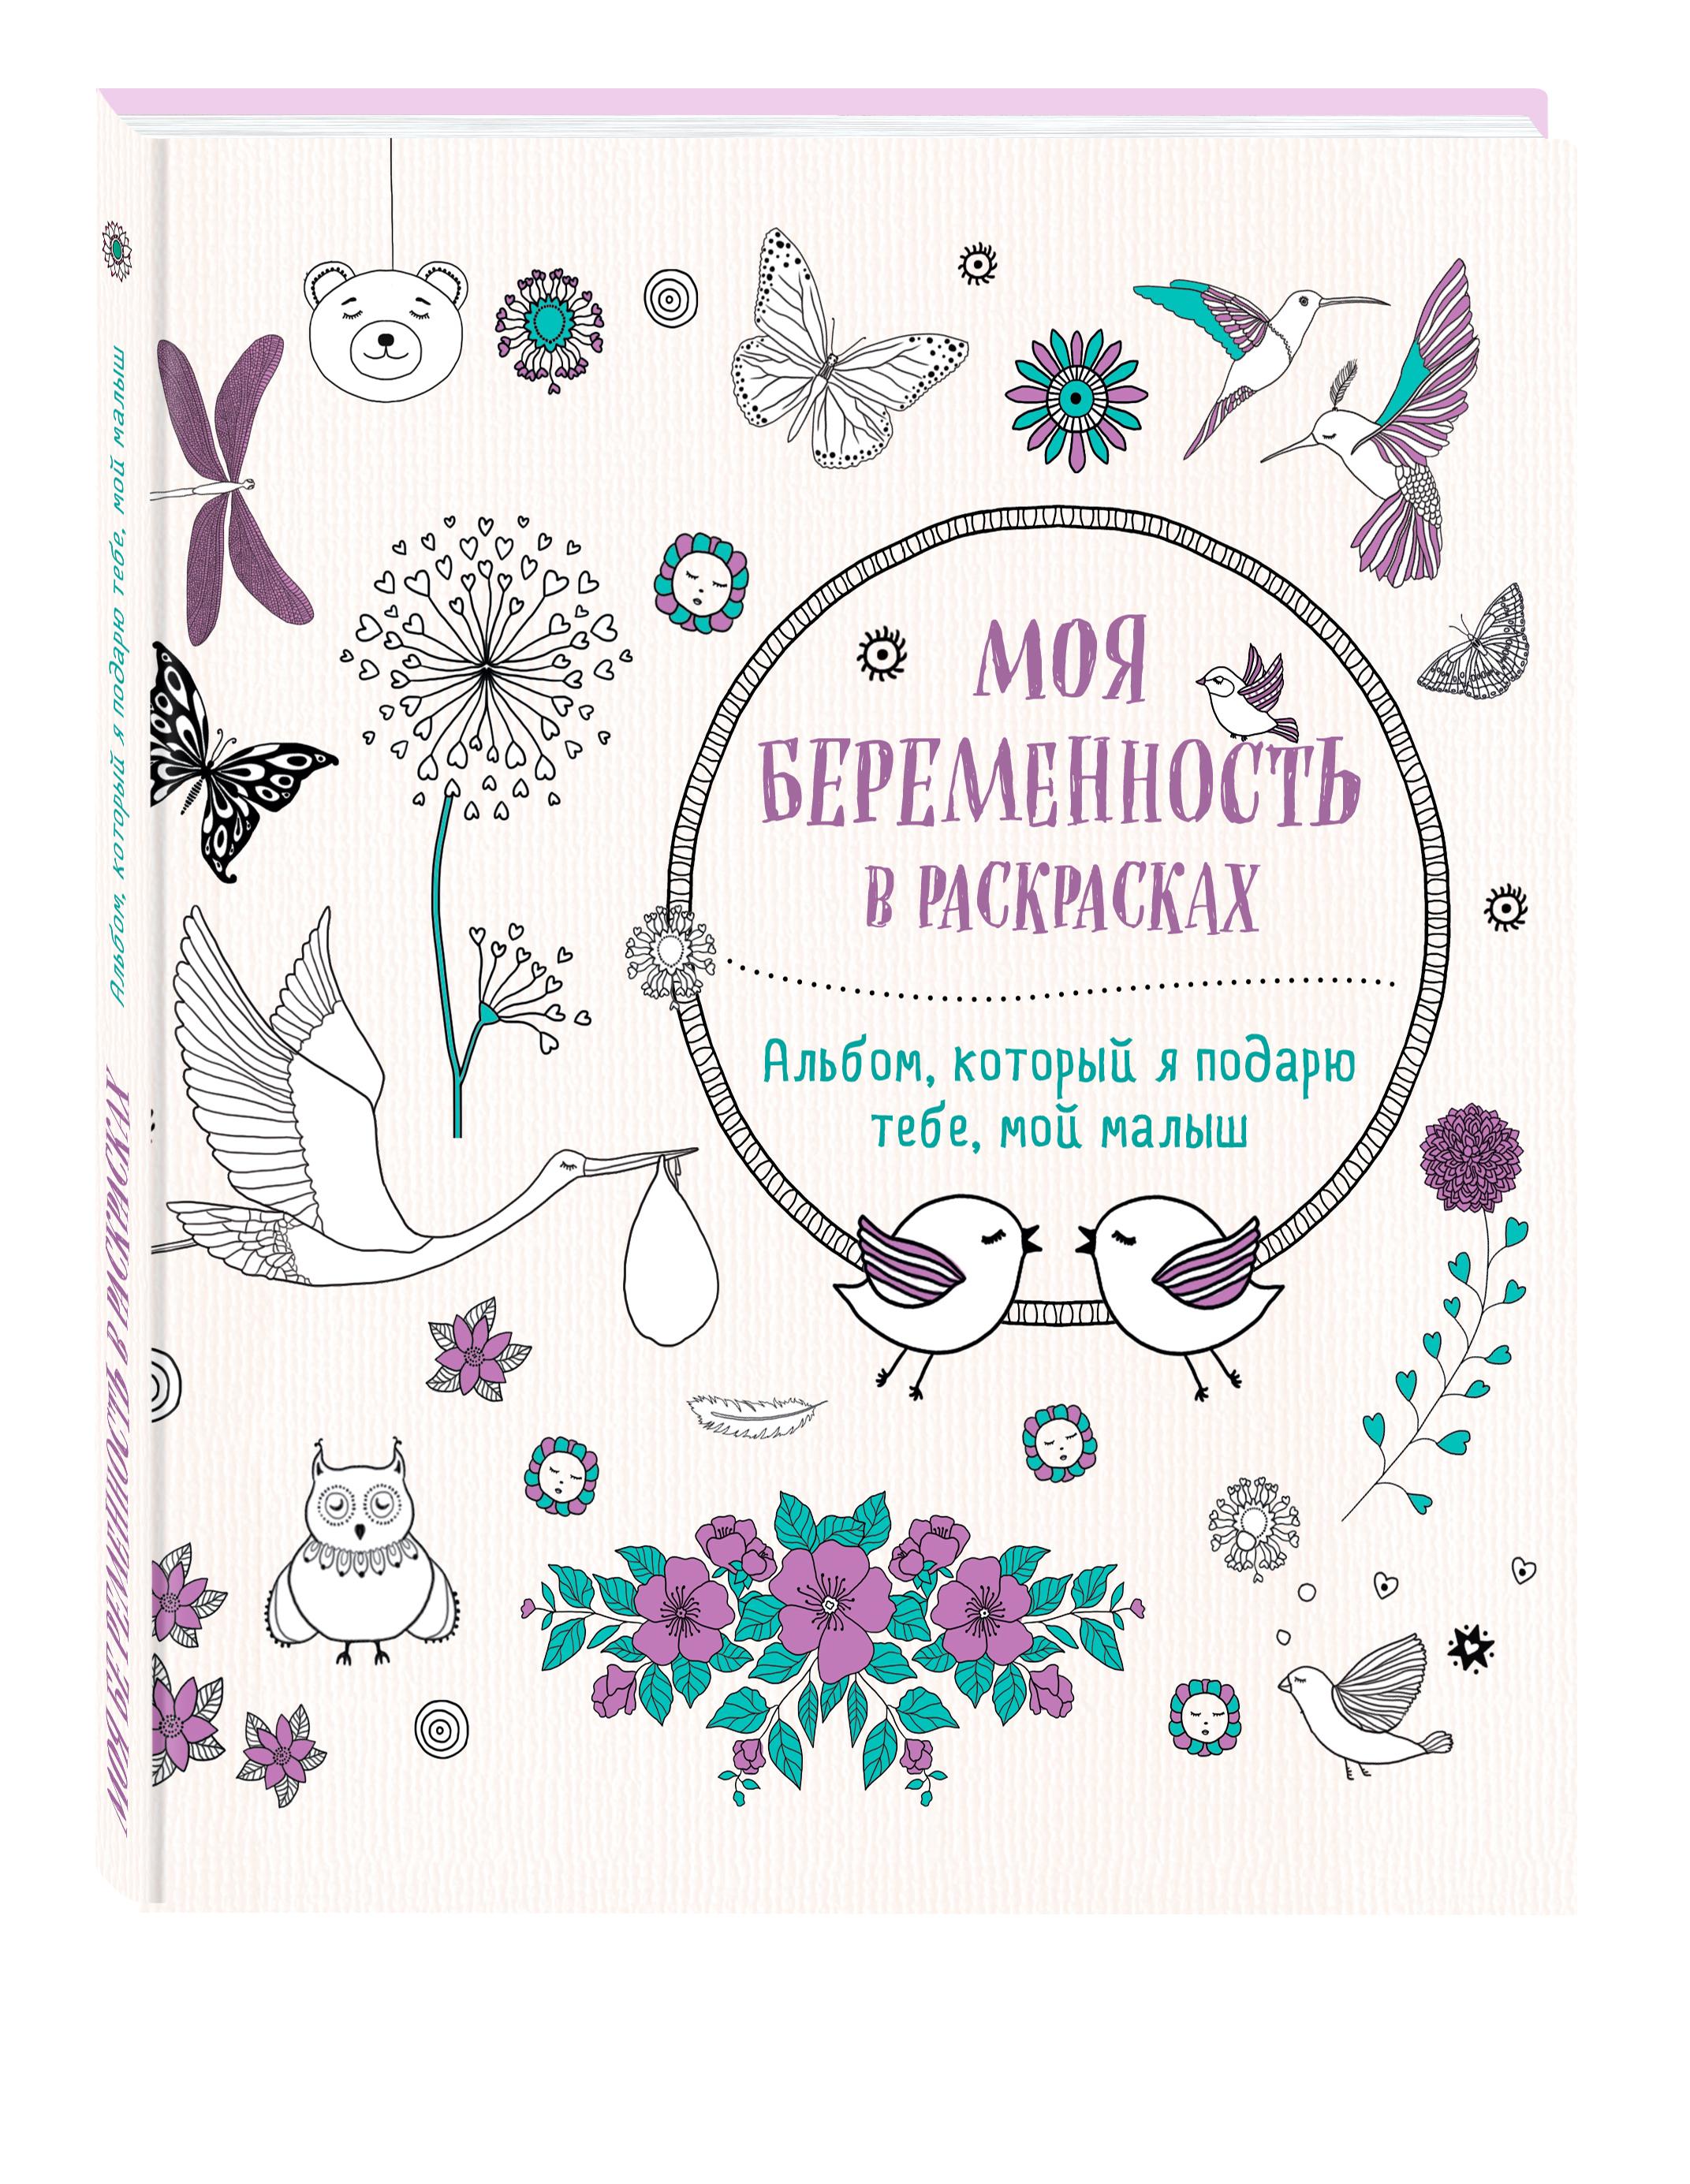 Жанна дэ Ардуан, Виолет Б Моя беременность в раскрасках. Альбом, который я подарю тебе, мой малыш (переплет)